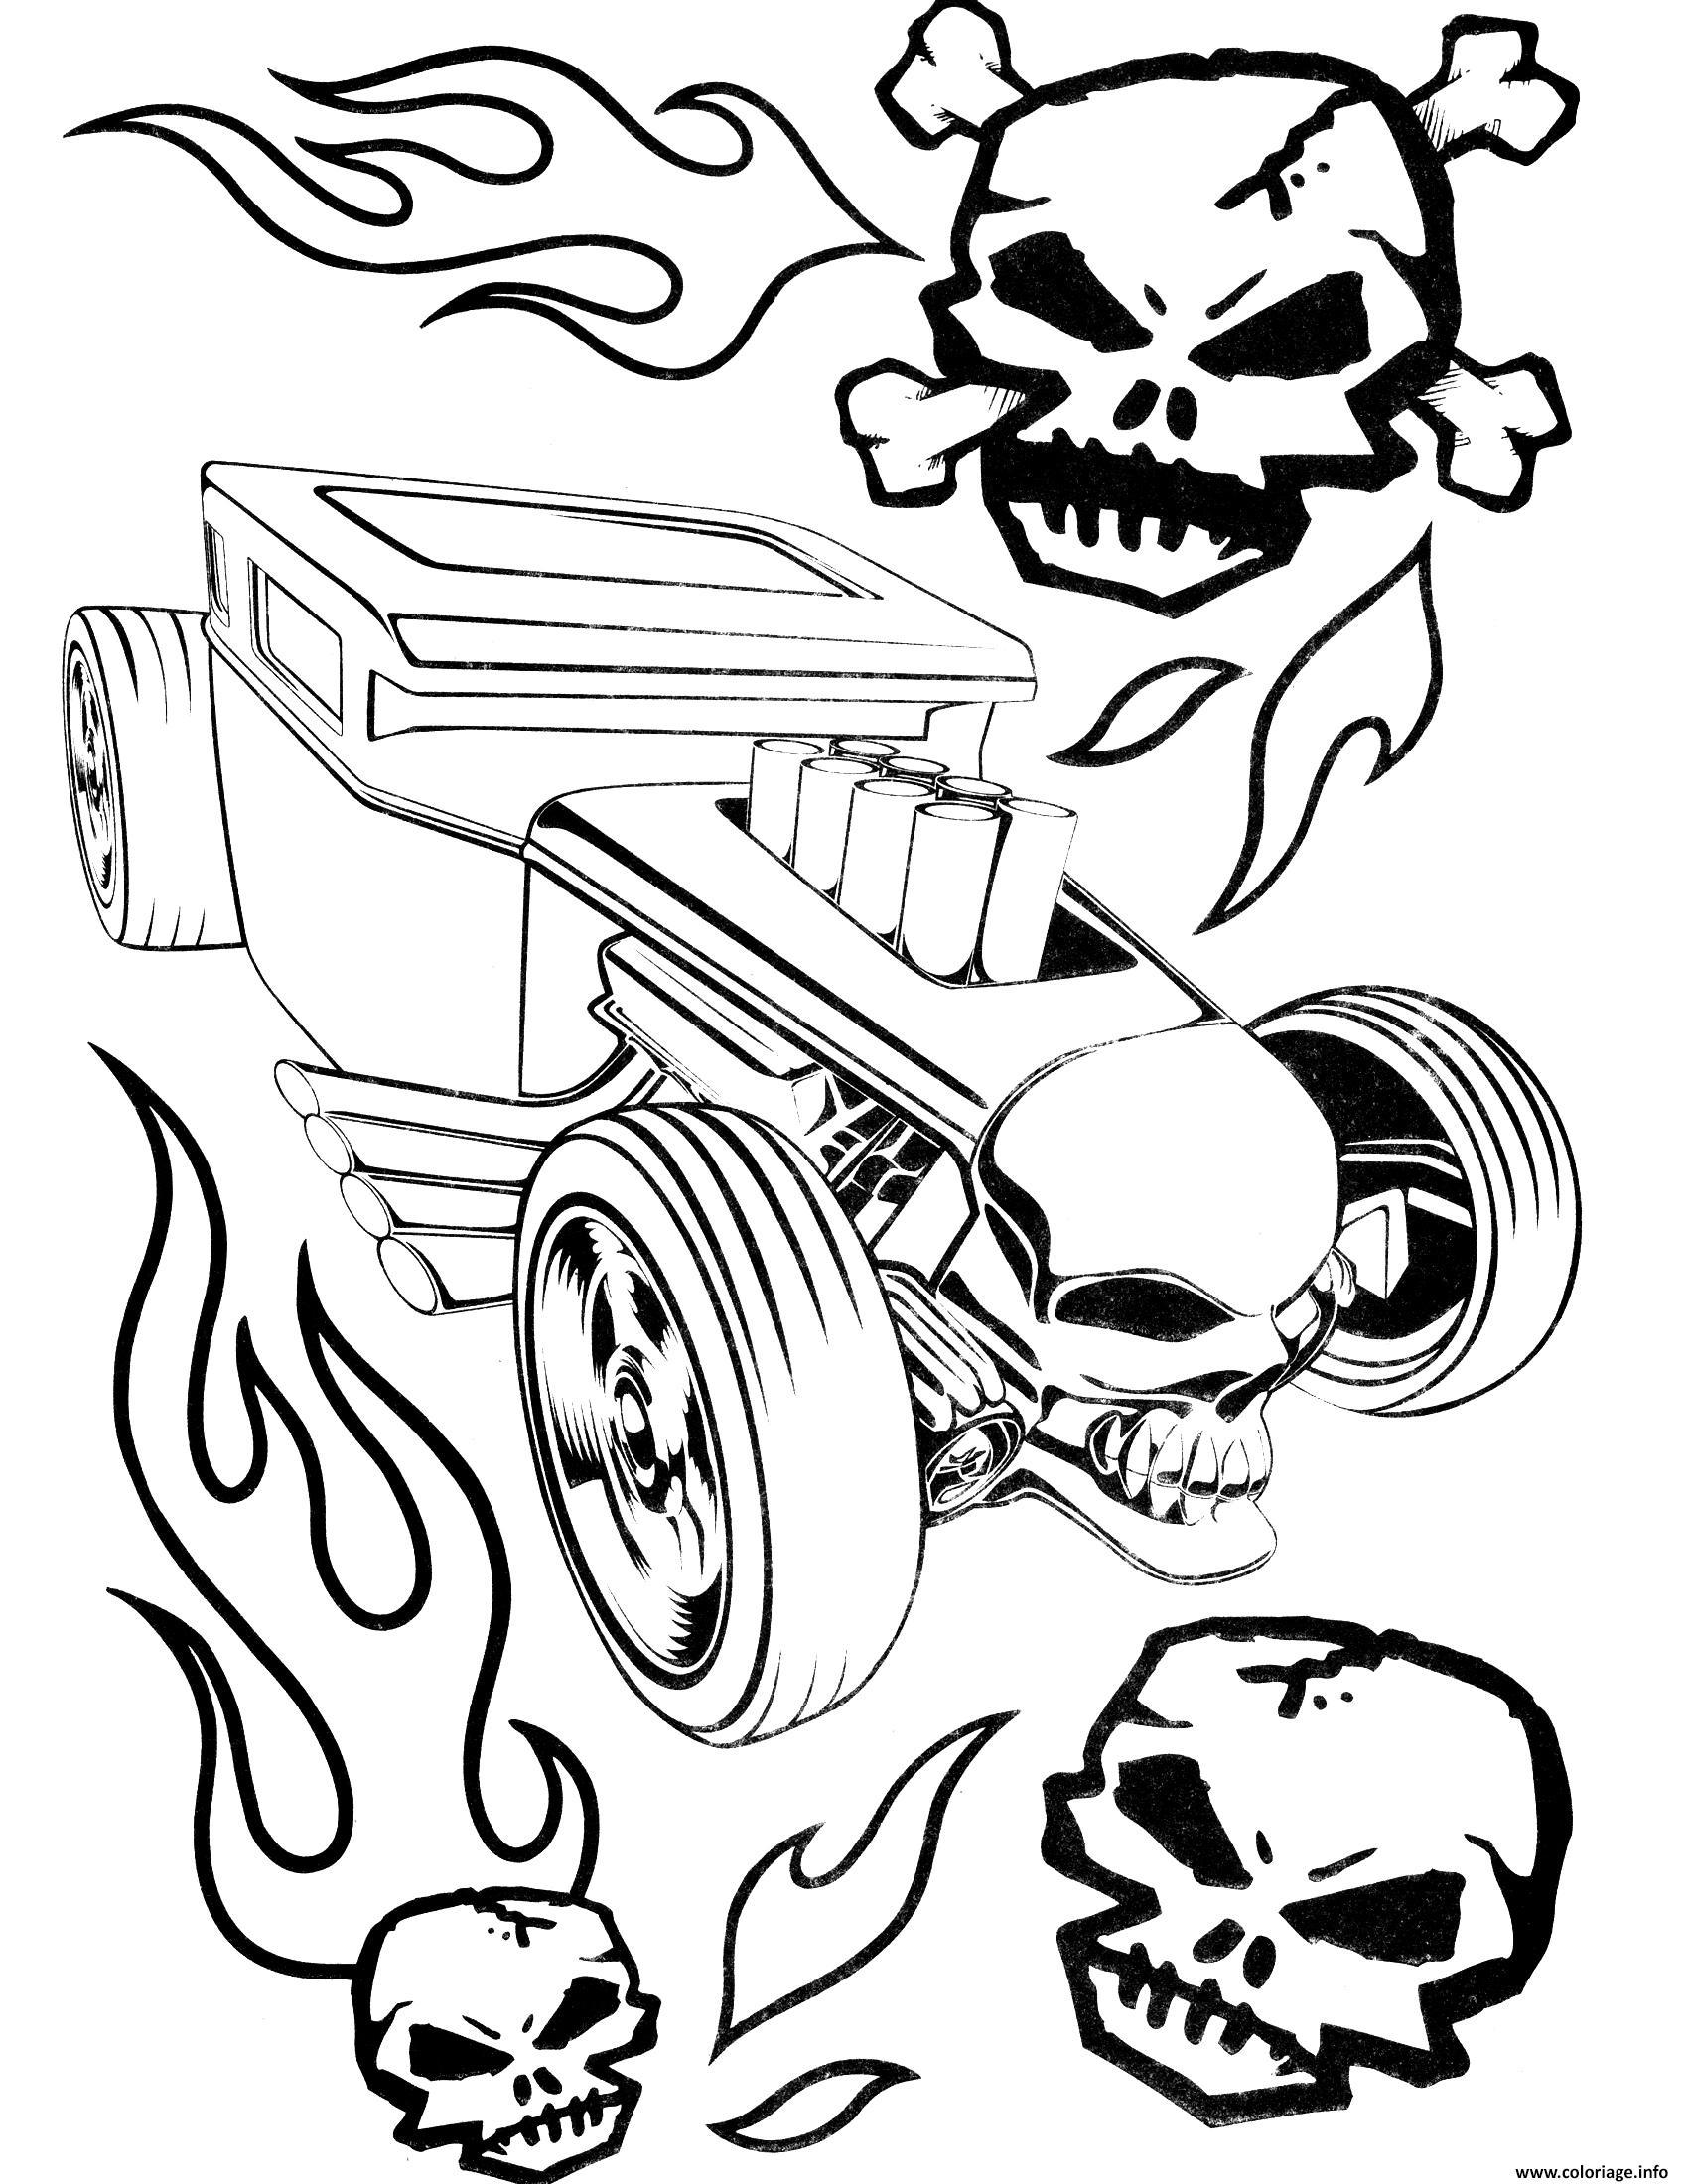 Dessin Hot Wheels Skulls Coloriage Gratuit à Imprimer